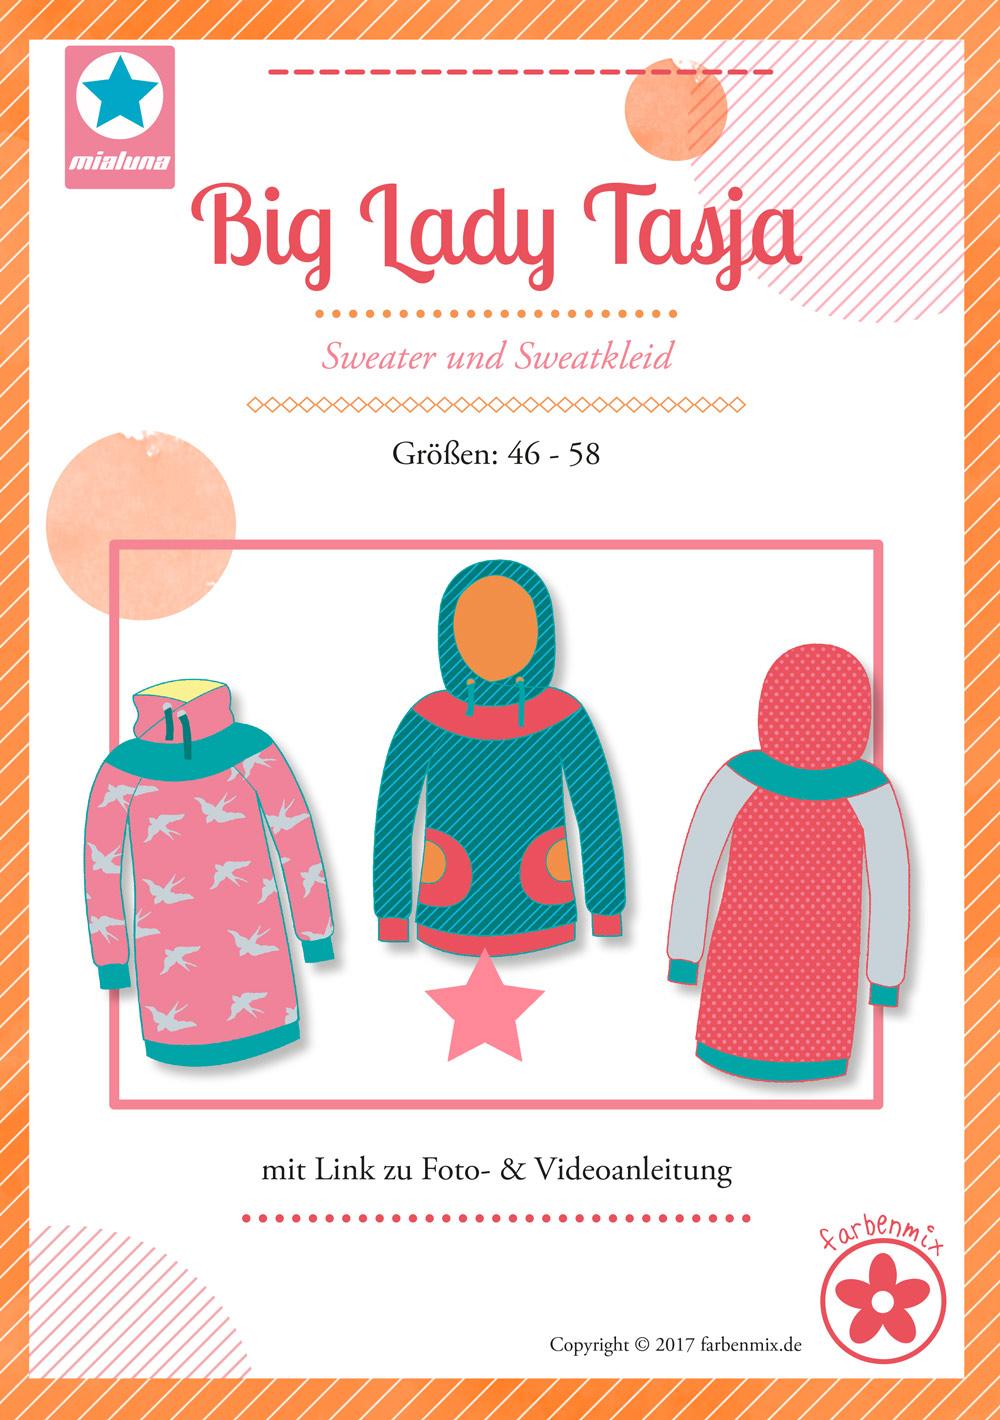 Hoodie für große Größen: Schnittmuster Tasja von farbenmix.de